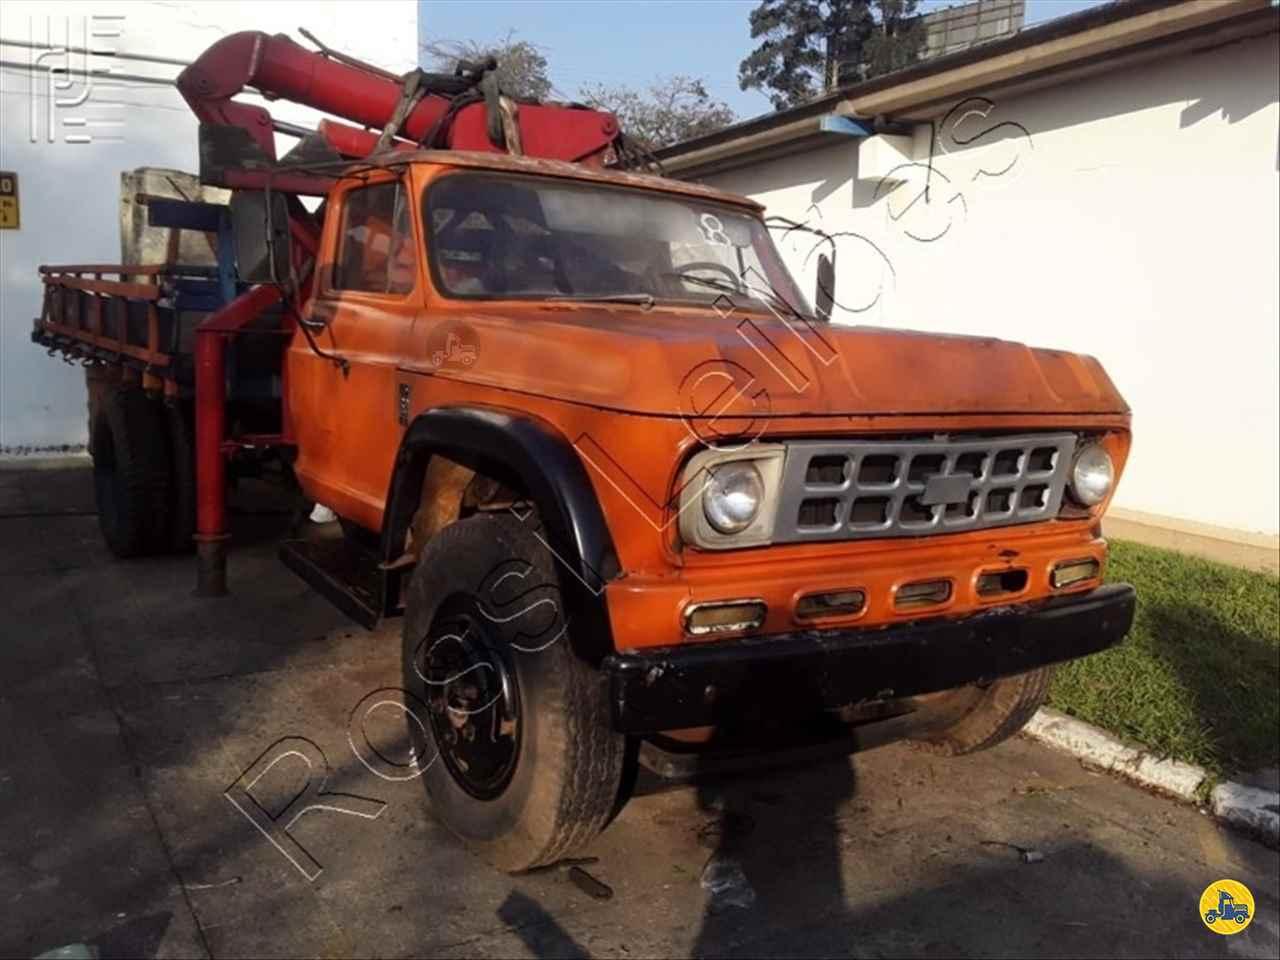 CAMINHAO GM D60 Guincho Munck Toco 4x2 Cotral Caminhões SERRA DO SALITRE MINAS GERAIS MG